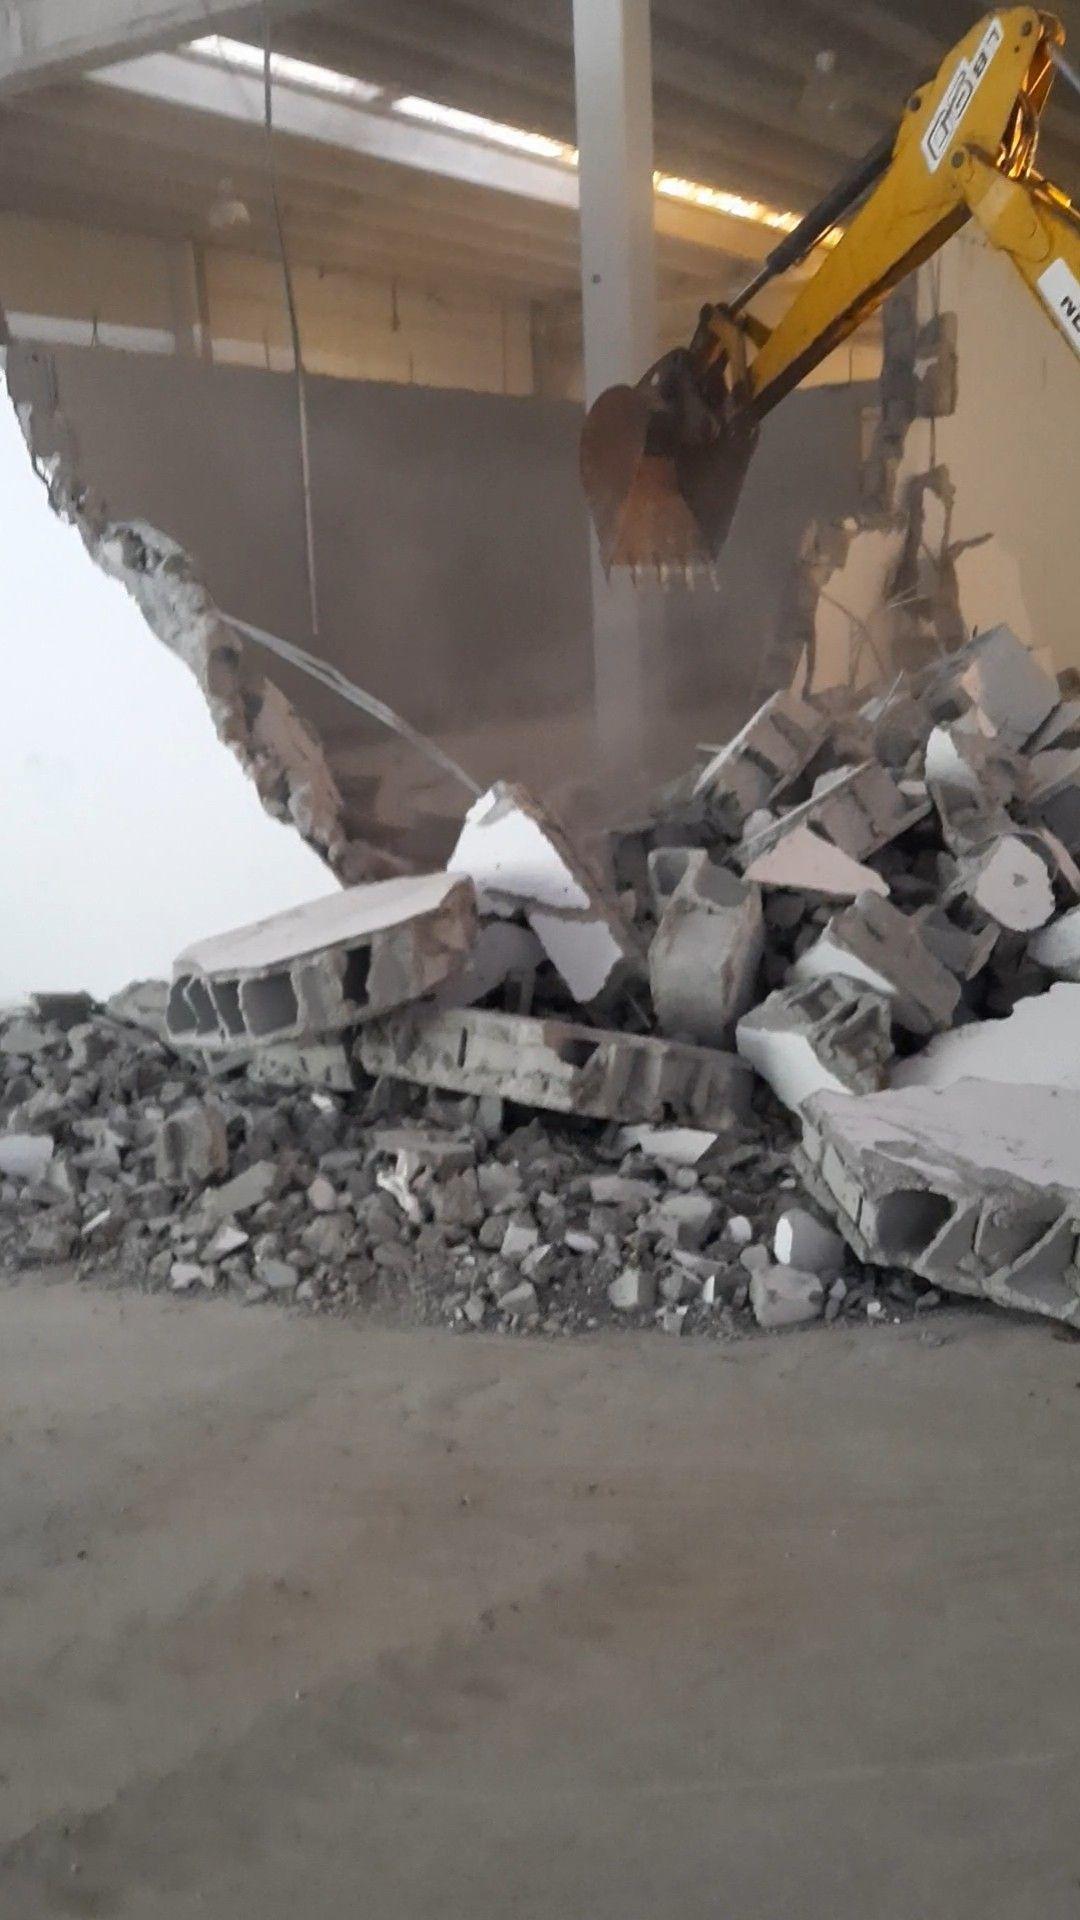 demolicao de parede em uma fábrica